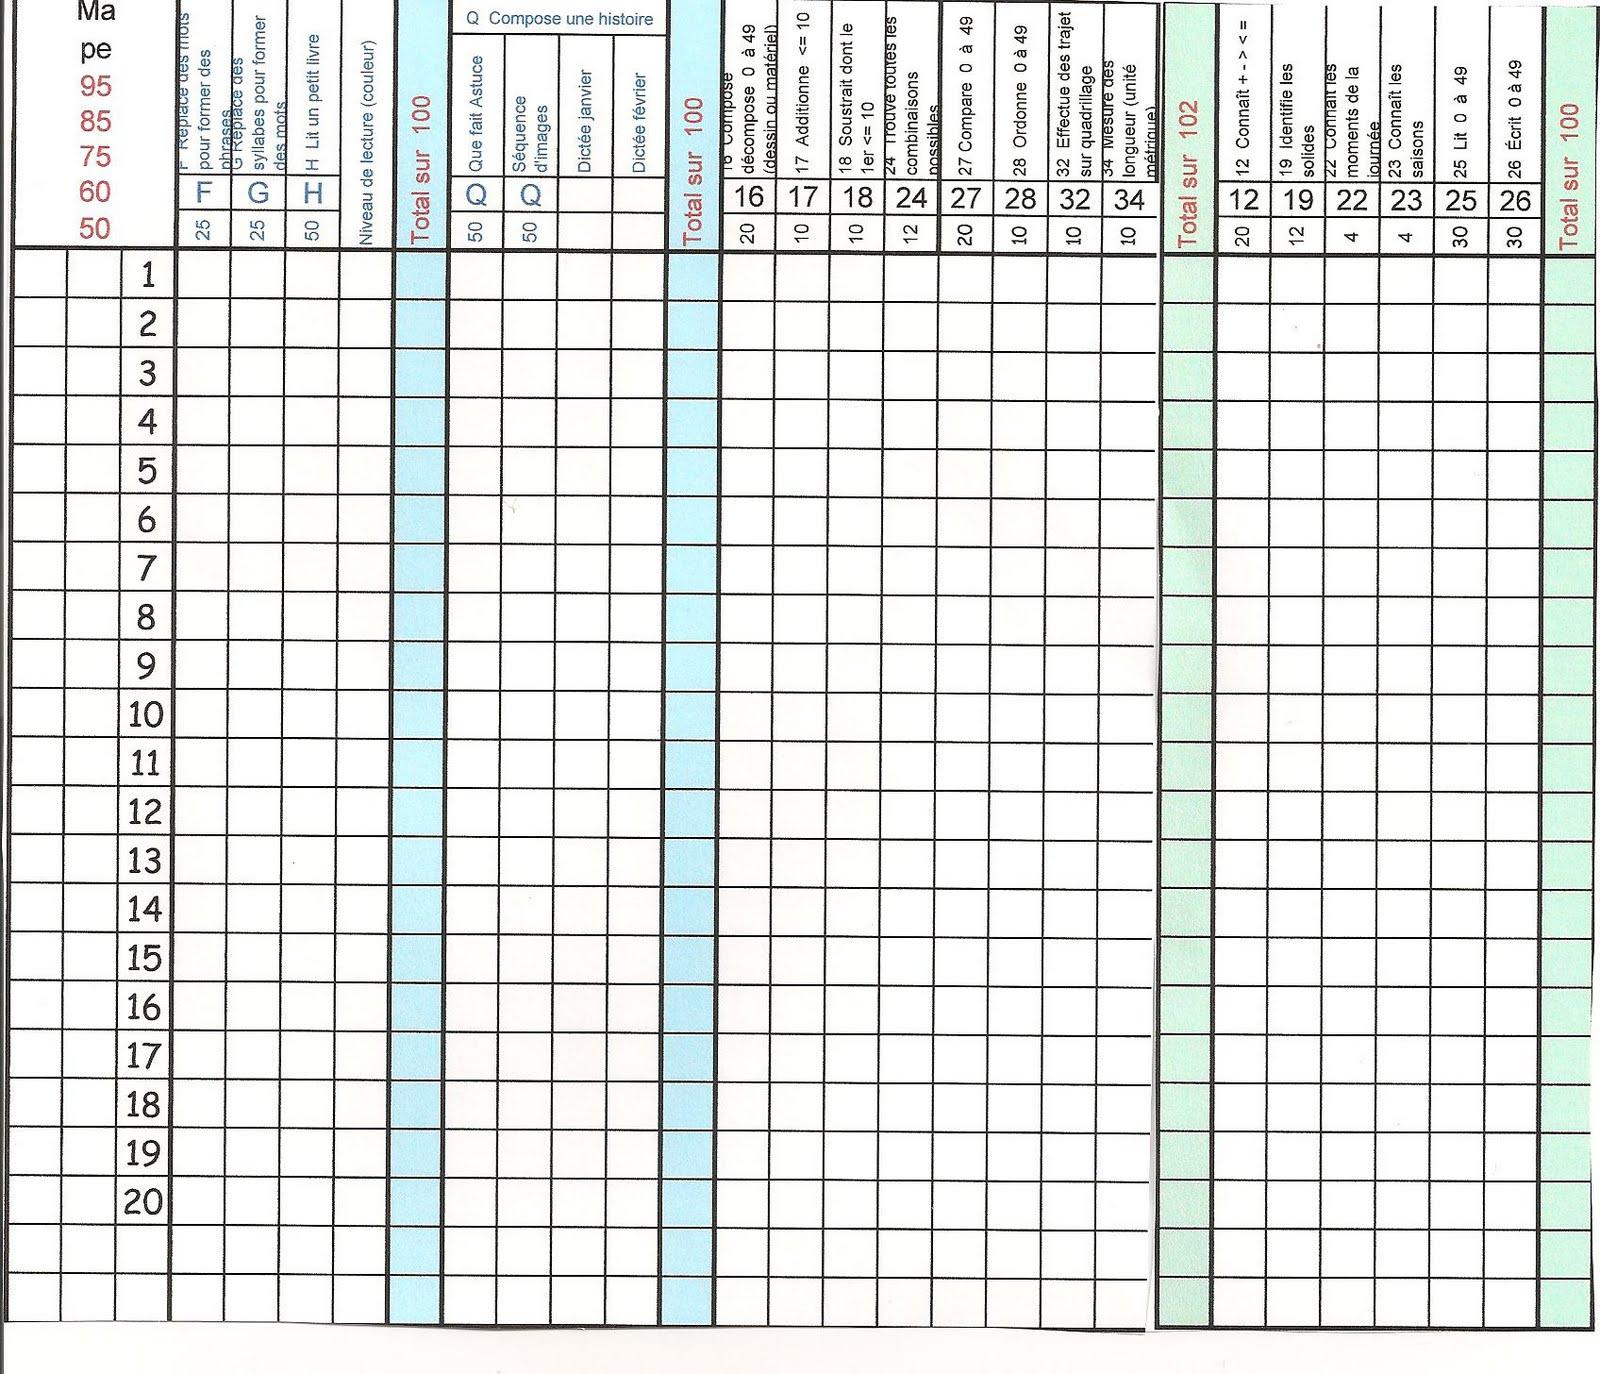 Dossier professionnel comp tence 5 - Grille d evaluation des competences professionnelles ...